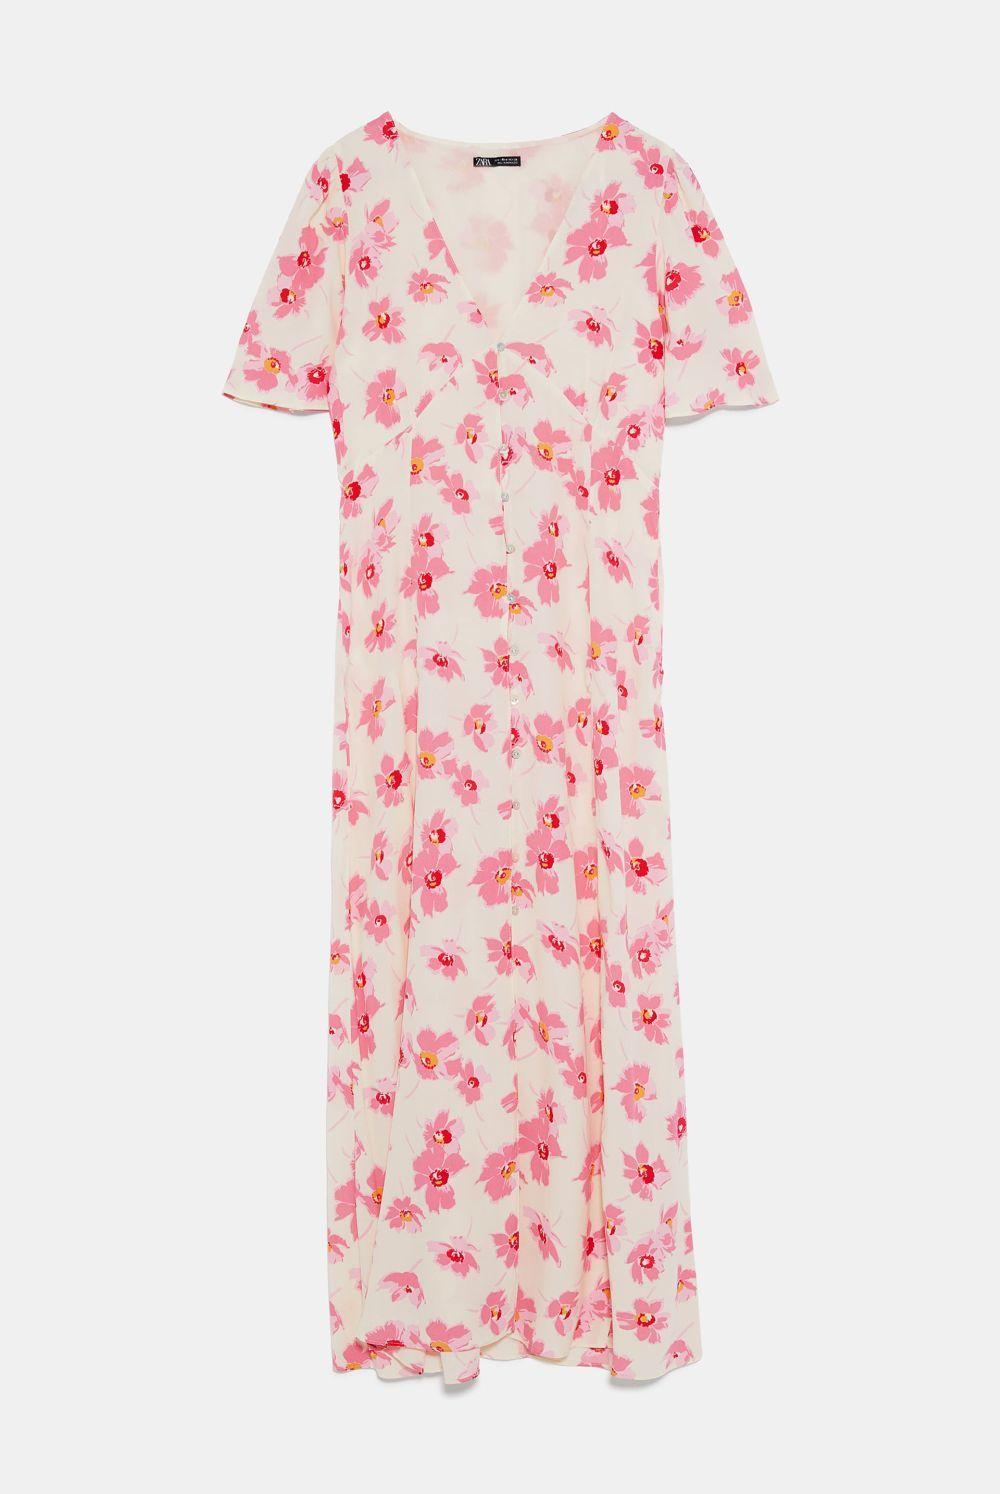 Vestido de flores, de Zara.